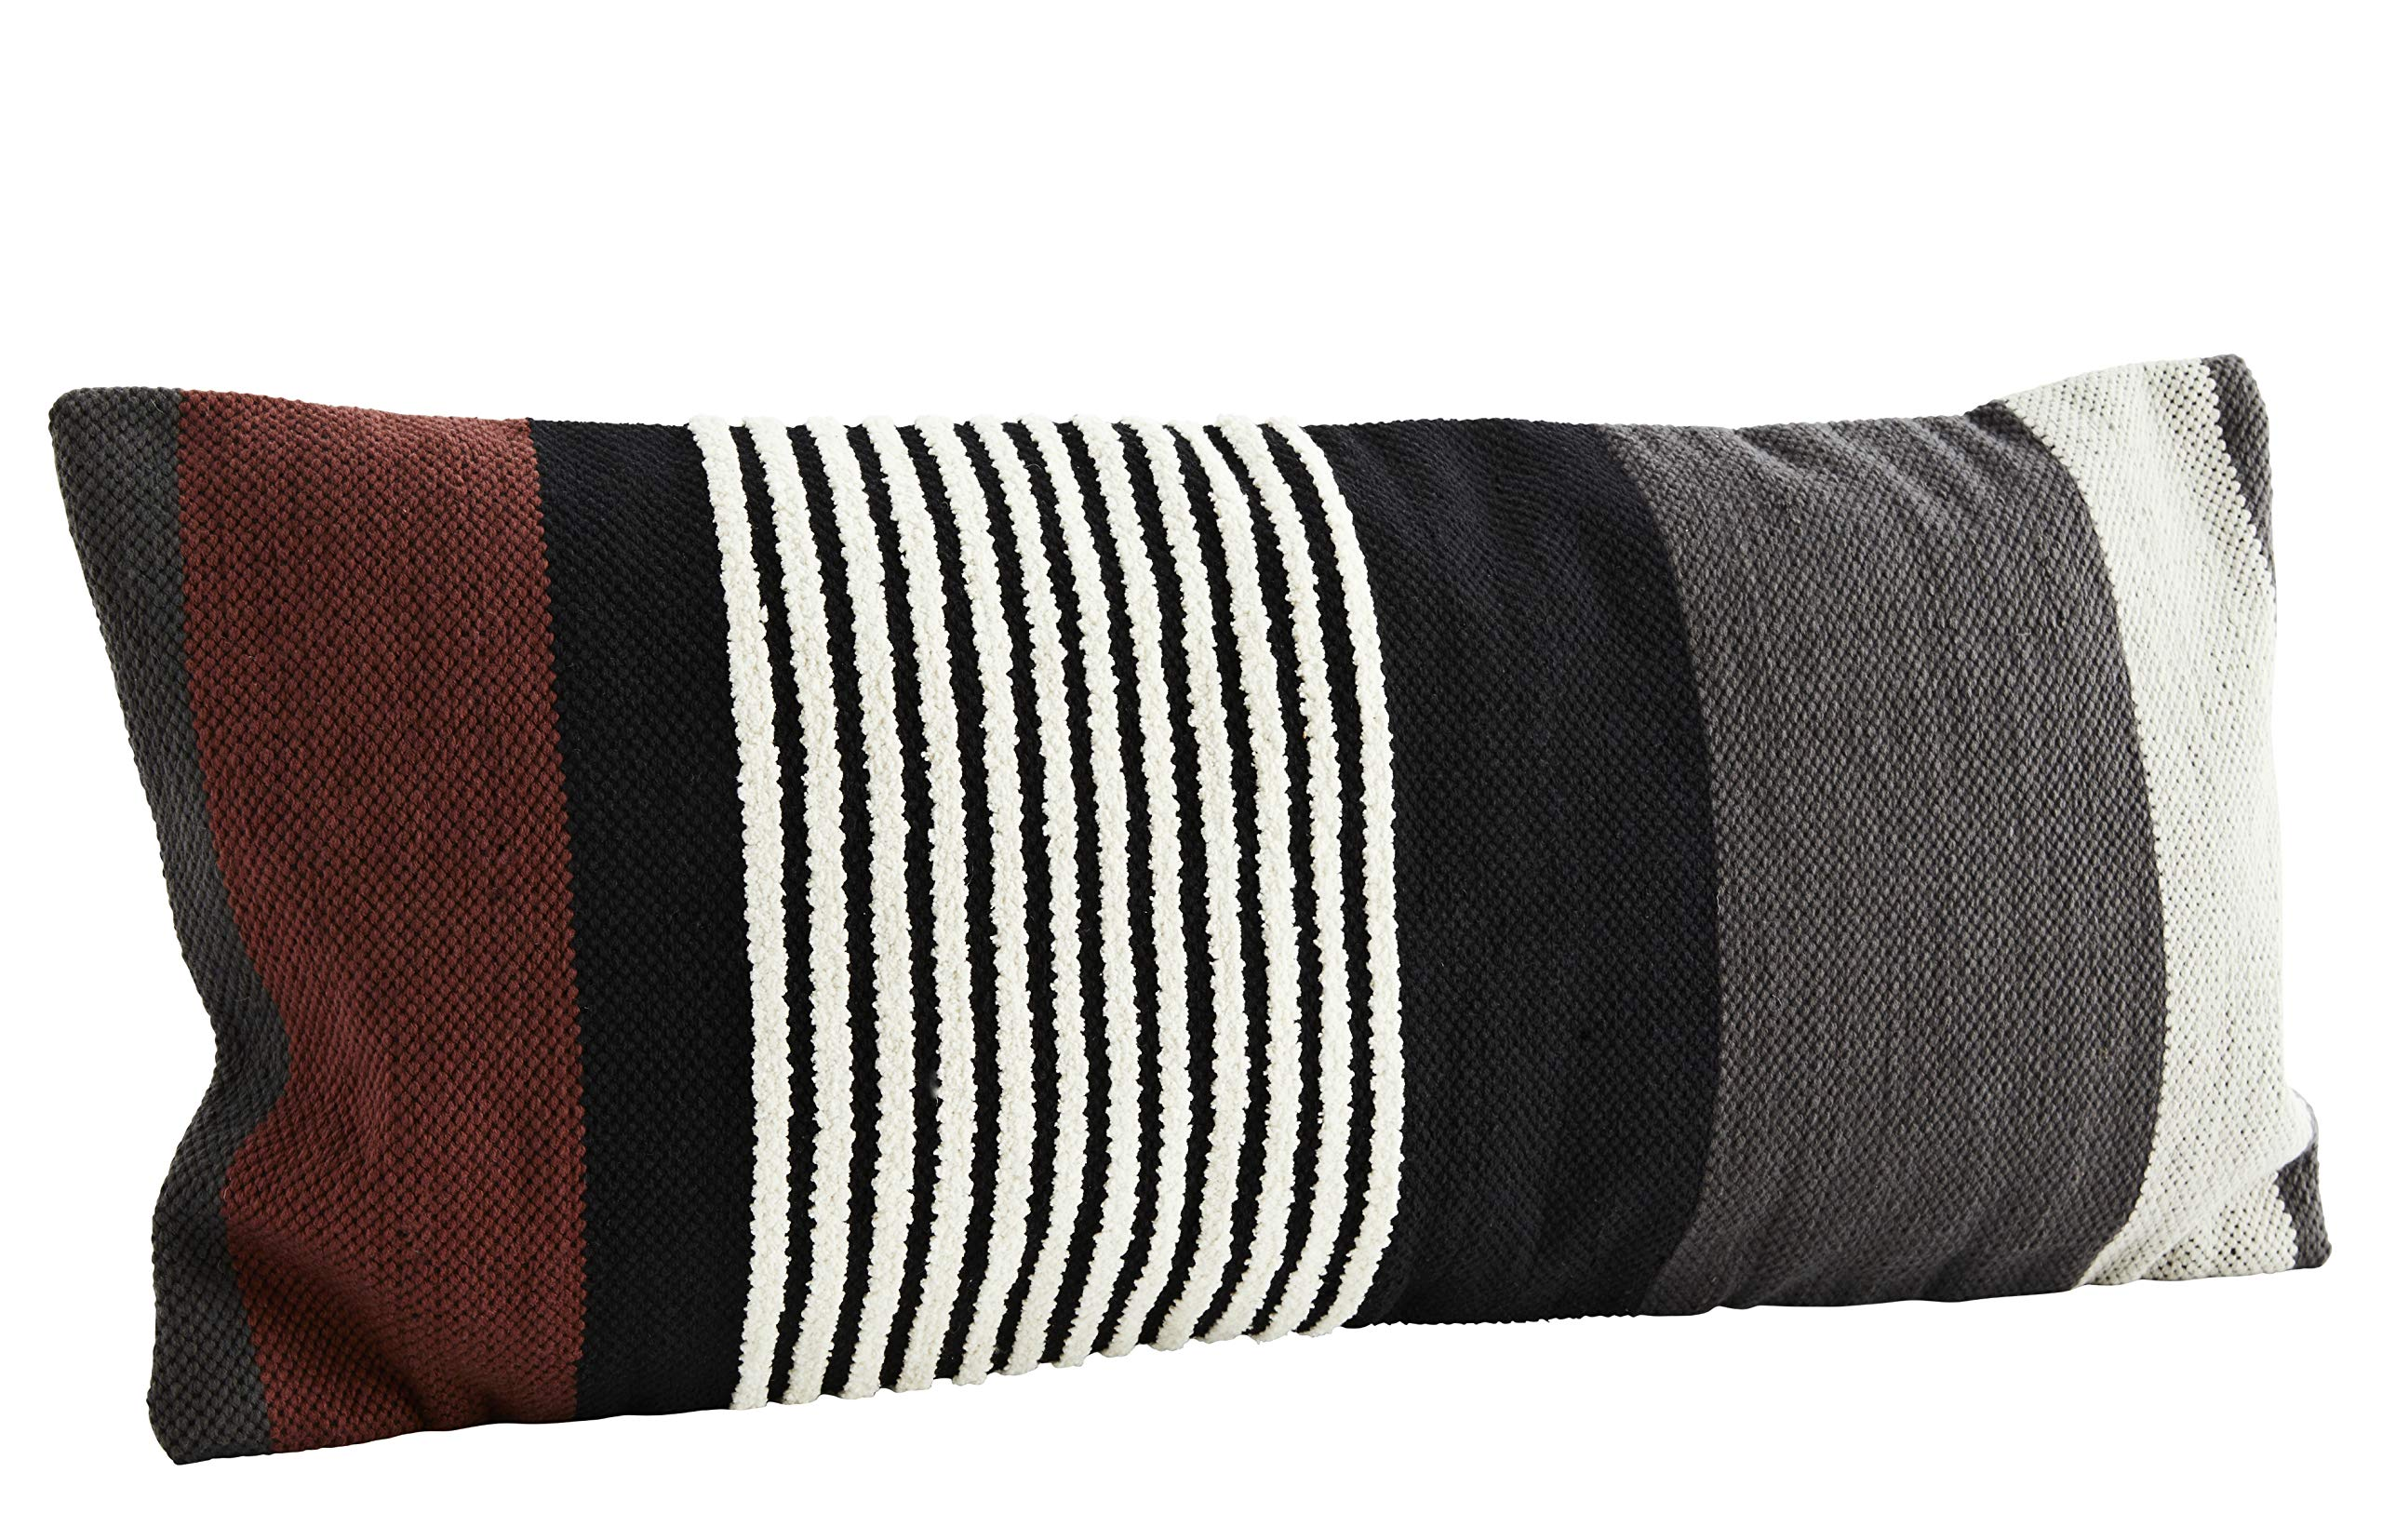 Madam Stoltz - Funda de cojín (40 x 90 cm, algodón y viscosa), diseño de rayas, color blanco, negro, gris y rojo oscuro: Amazon.es: Hogar